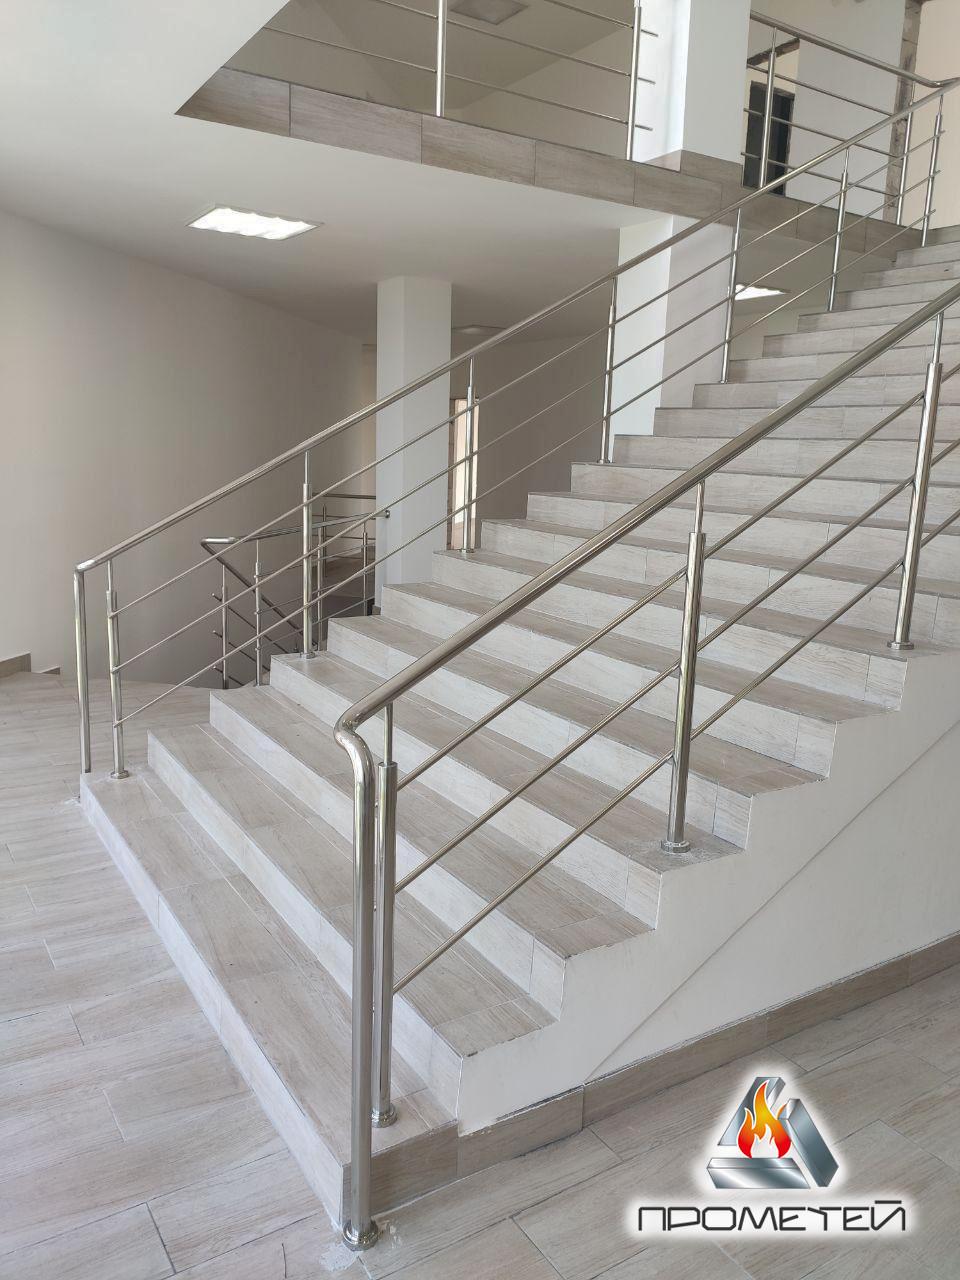 Перила по обидва боки сходів з нержавіючої сталі AISI 304, поручень Ø50 мм, стійка Ø42 мм, 3 рігеля Ø16 мм